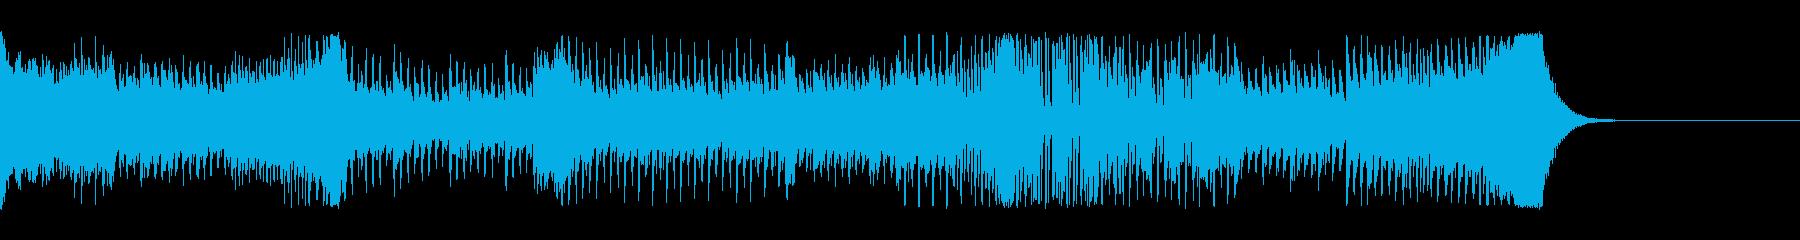 疾走感あるダンスミュージックの再生済みの波形